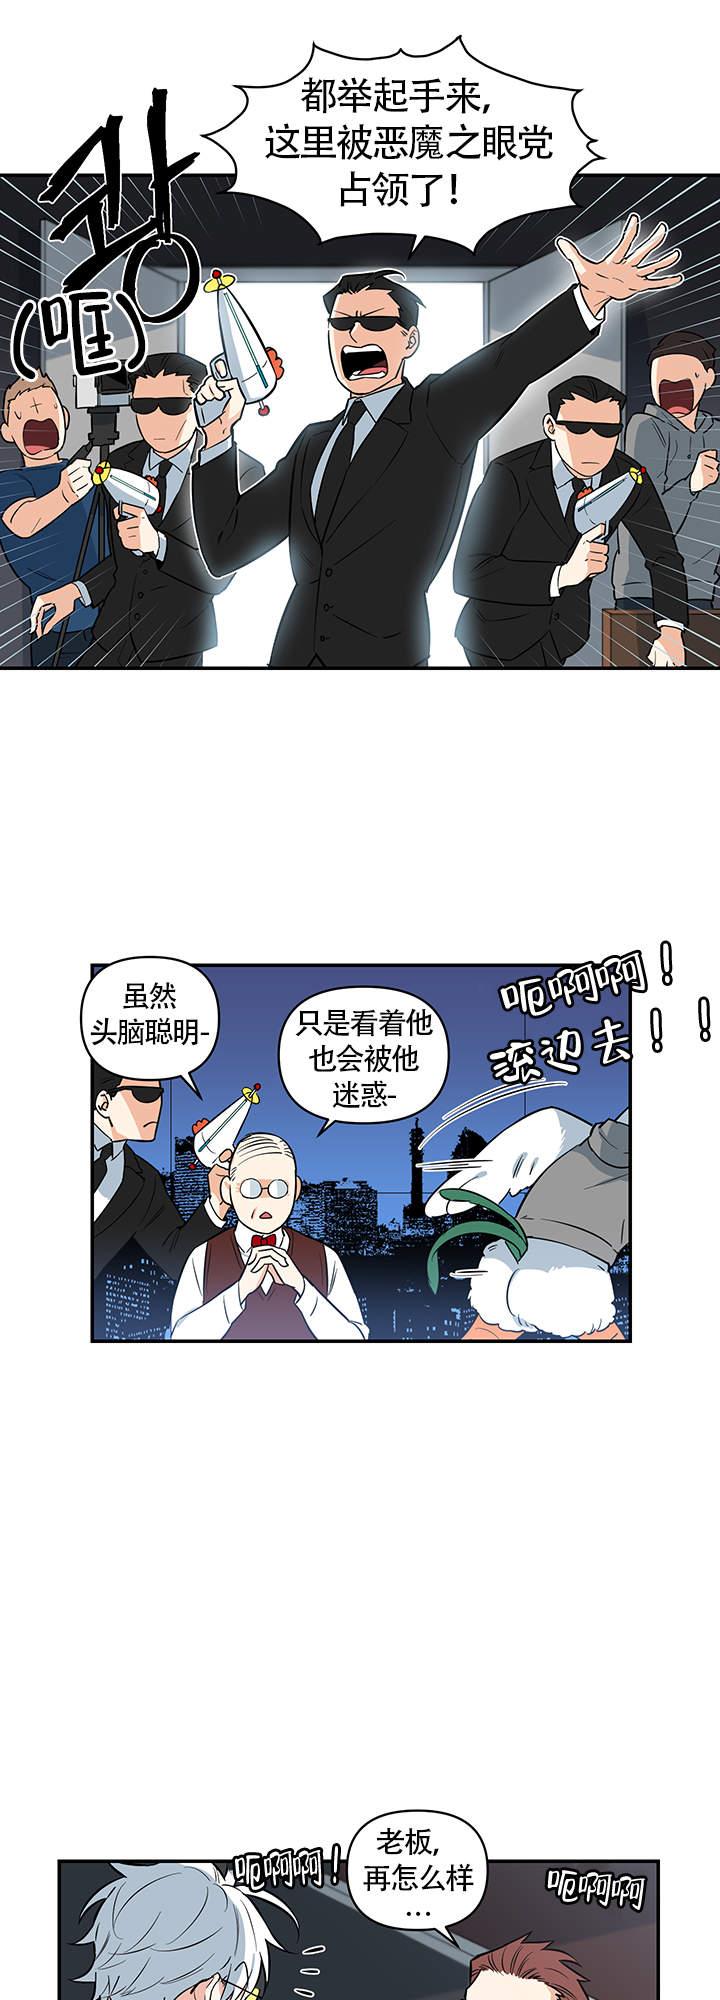 天使兔俱乐部-漫画完整版在线阅读_最新连载更新至19话-啵乐漫画